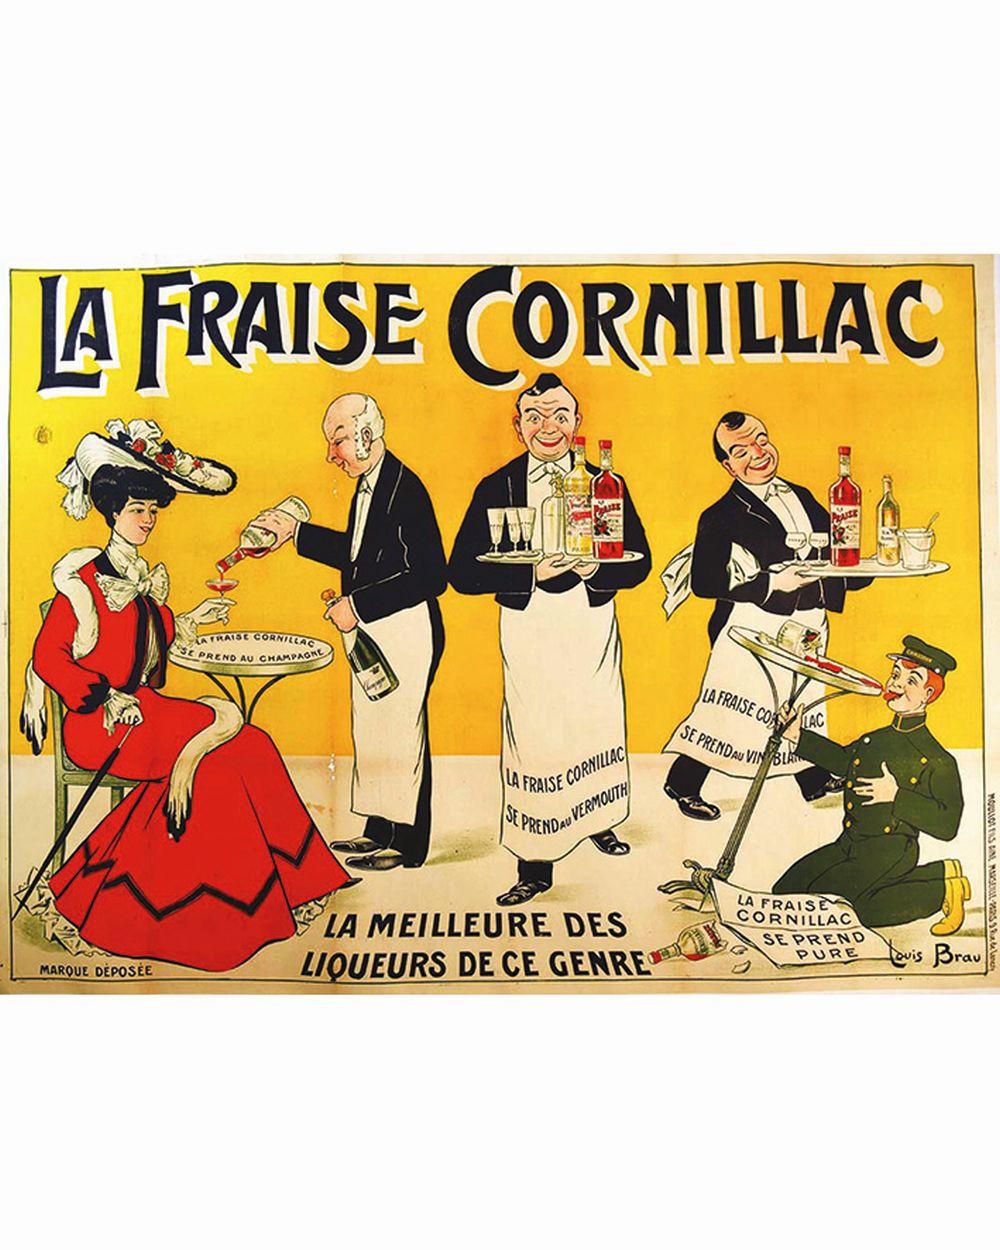 BRAU LOUIS - La Fraise Cornillac     vers 1920